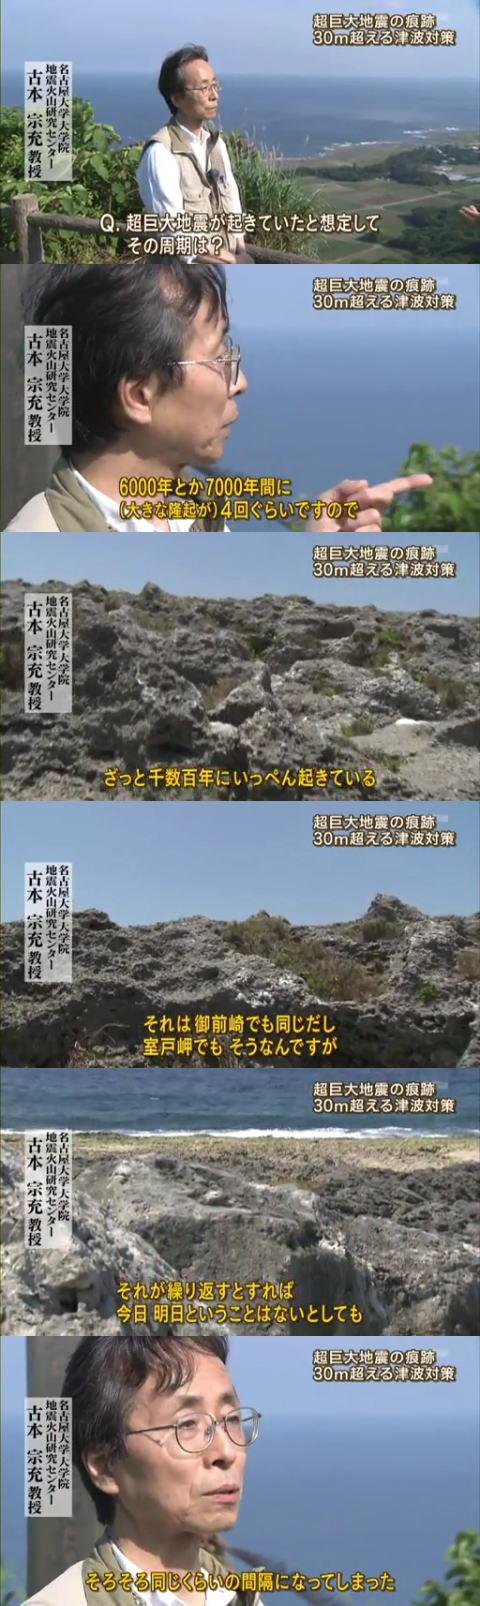 20120622-39jpg.jpg